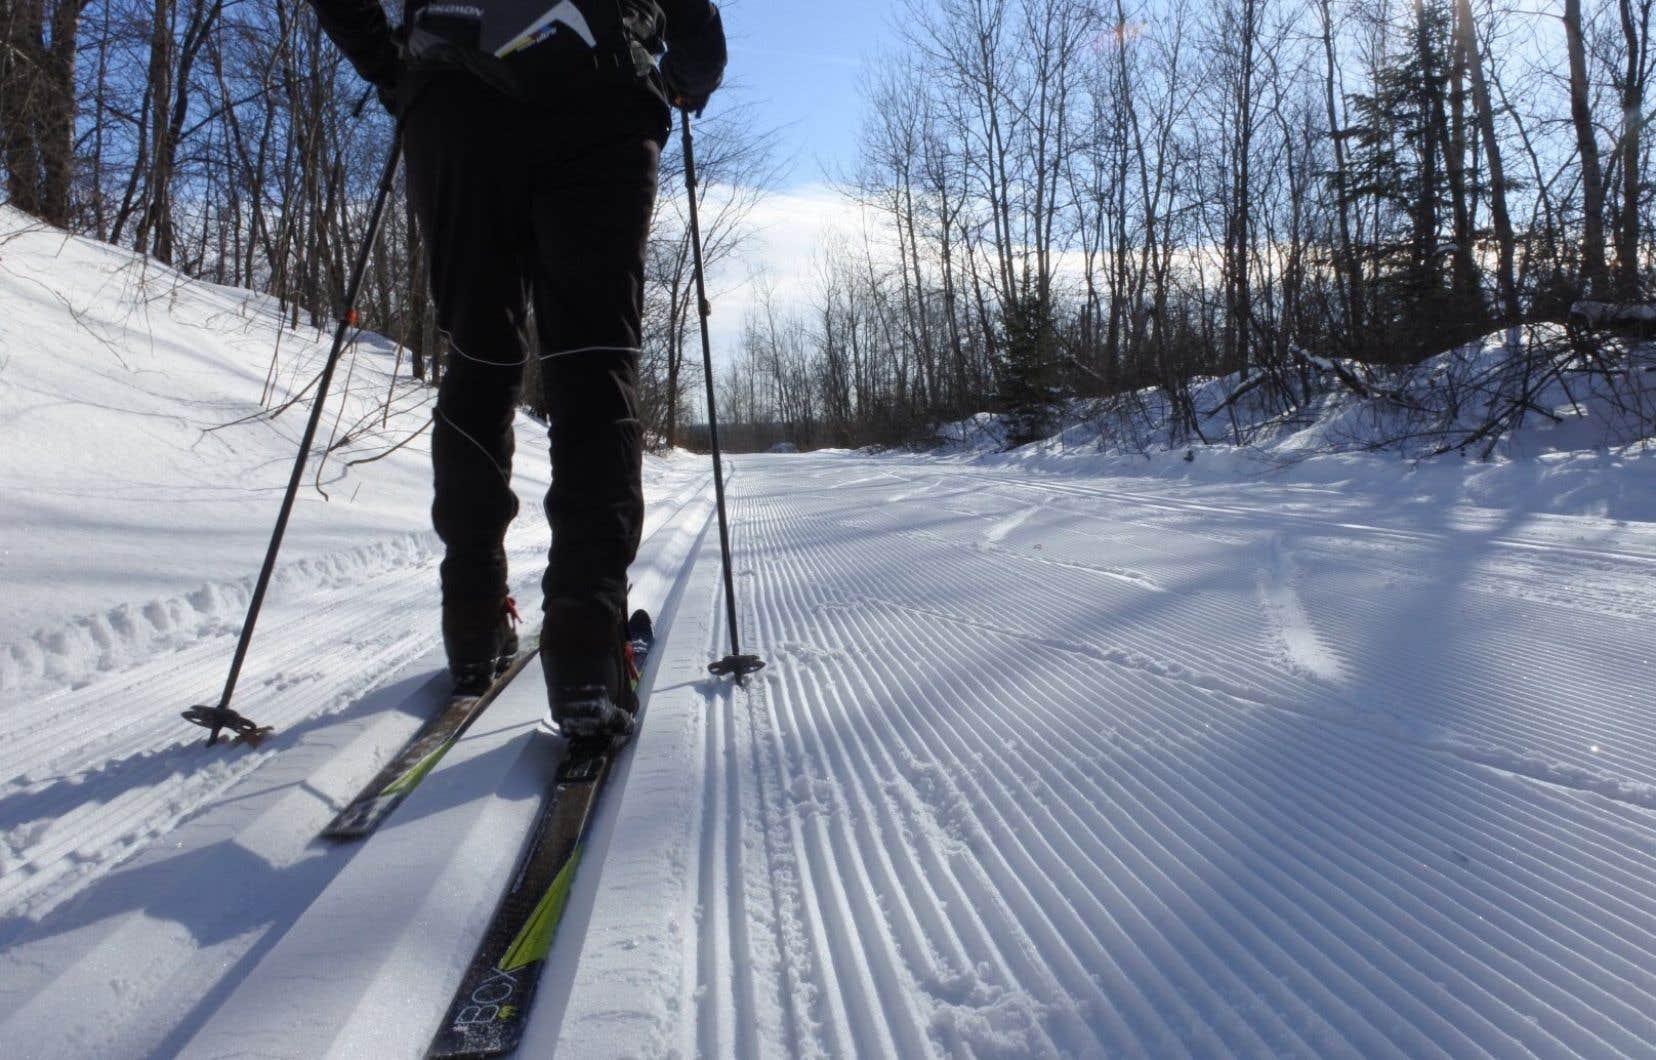 Le P'tit Train du Nord, ce sont 234kilomètres de pistes de ski de fond en hiver et de pistes cyclables en été.